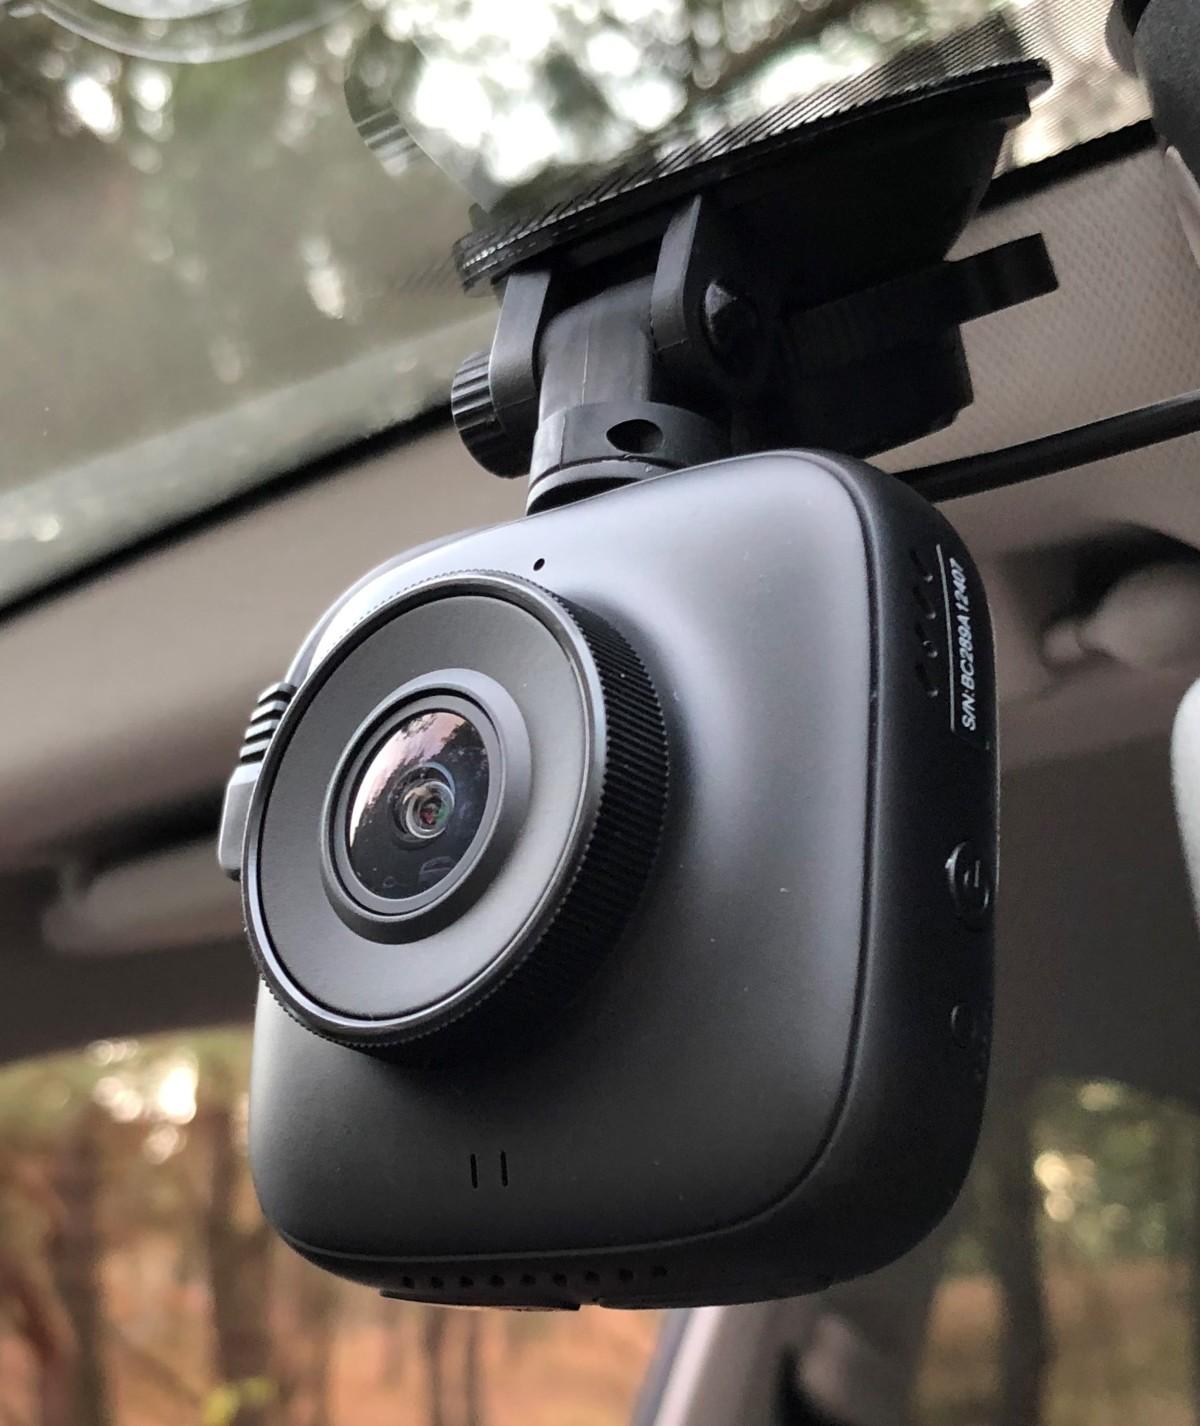 Prido i5 to budżetowy, niewielki wideorejestrator samochodowy. Przekonuje do siebie ładnie zaprojektowaną i wykonaną obudową, nie najgorszymi parametrami i atrakcyjną ceną. Przyjrzeliśmy się mu bliżej.  Fot. Paweł Piątek